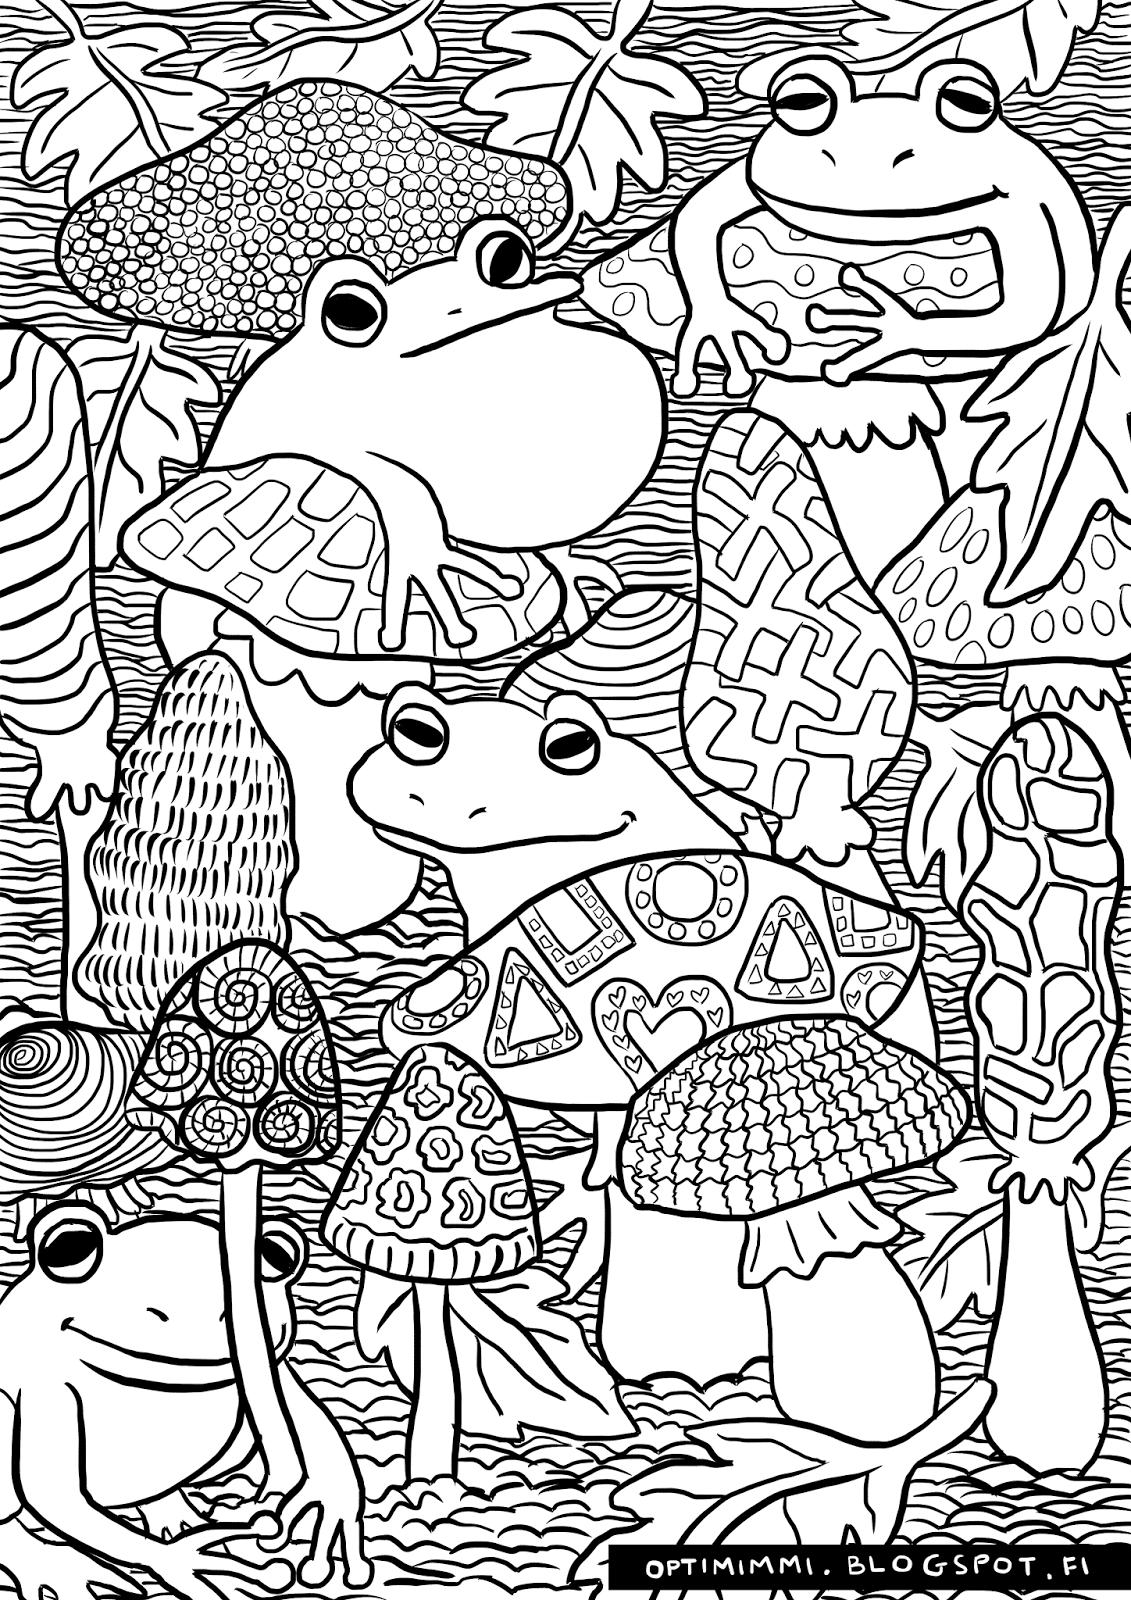 Coloring book varityskuvat - Kuvahaun Tulos Haulle Sienet V Rityskuvat